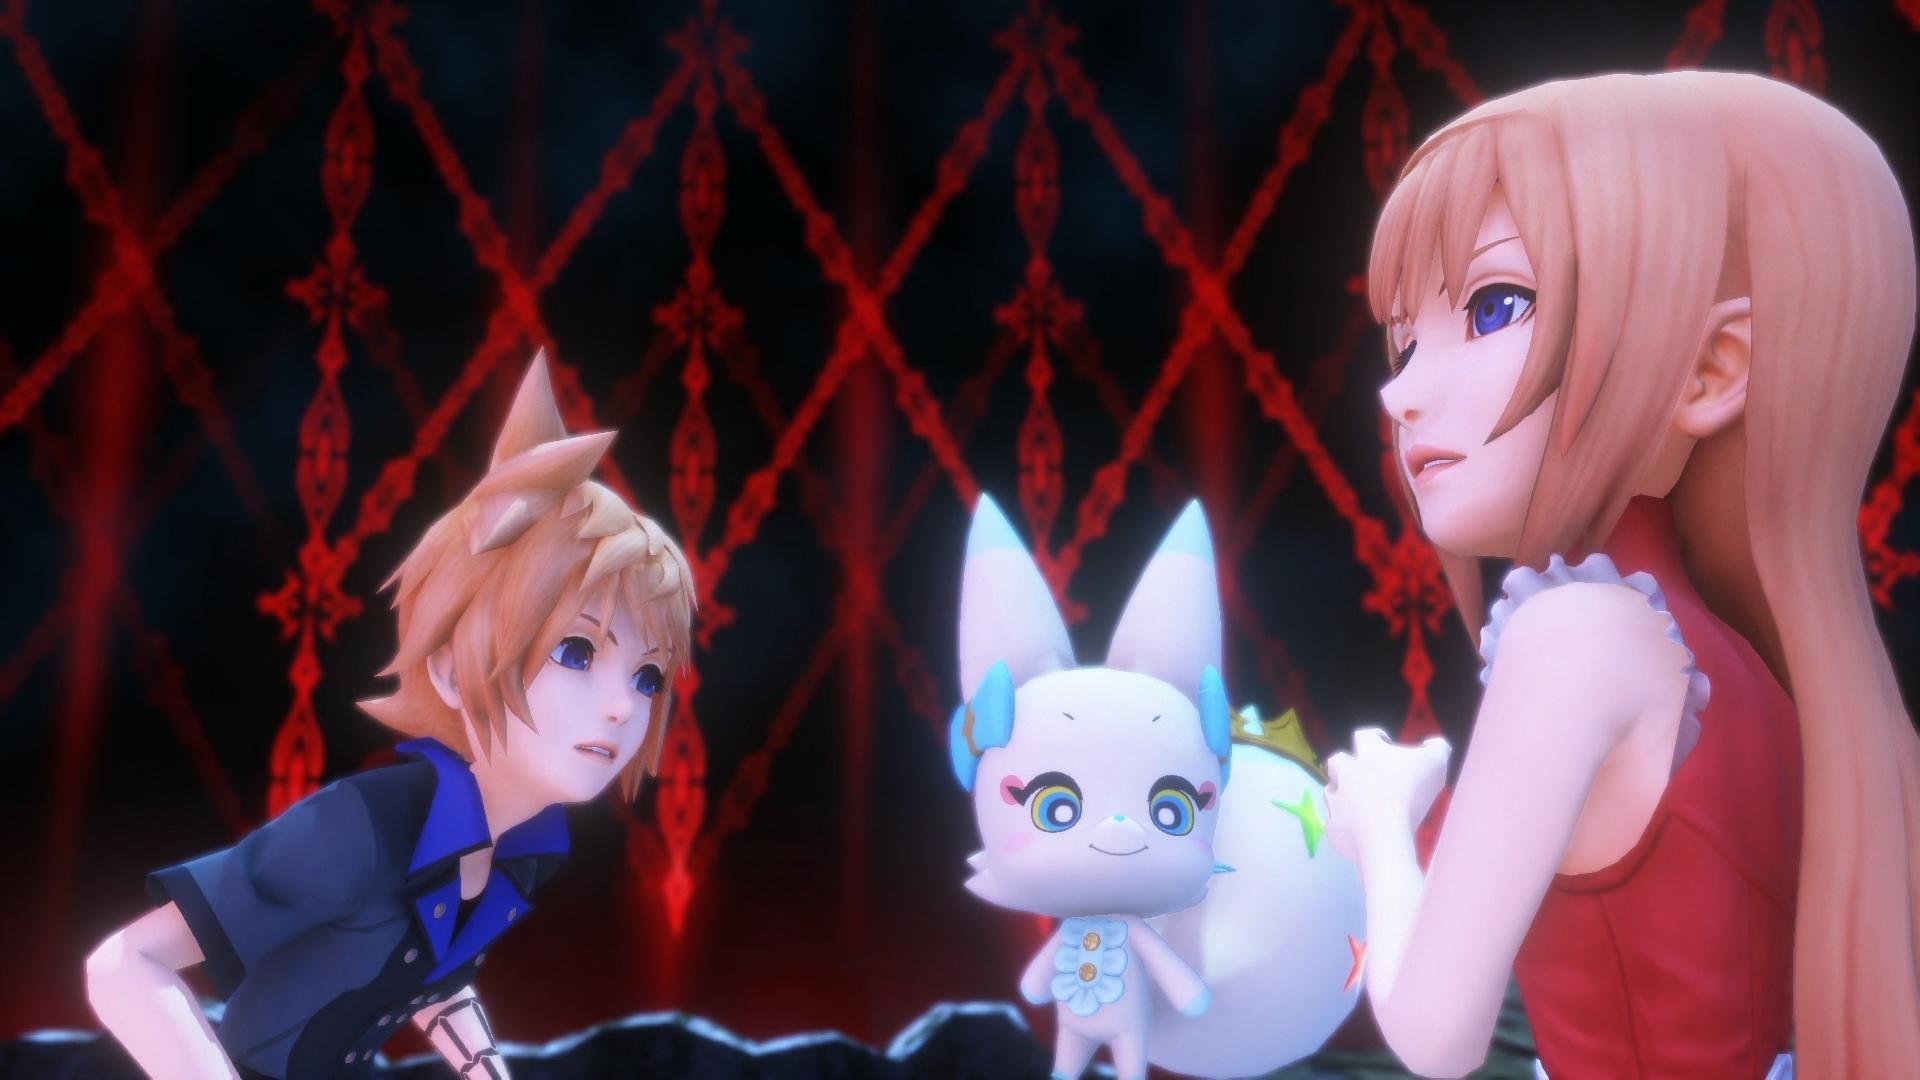 World of Final Fantasy vypadá na obrázcích pohádkově 130366